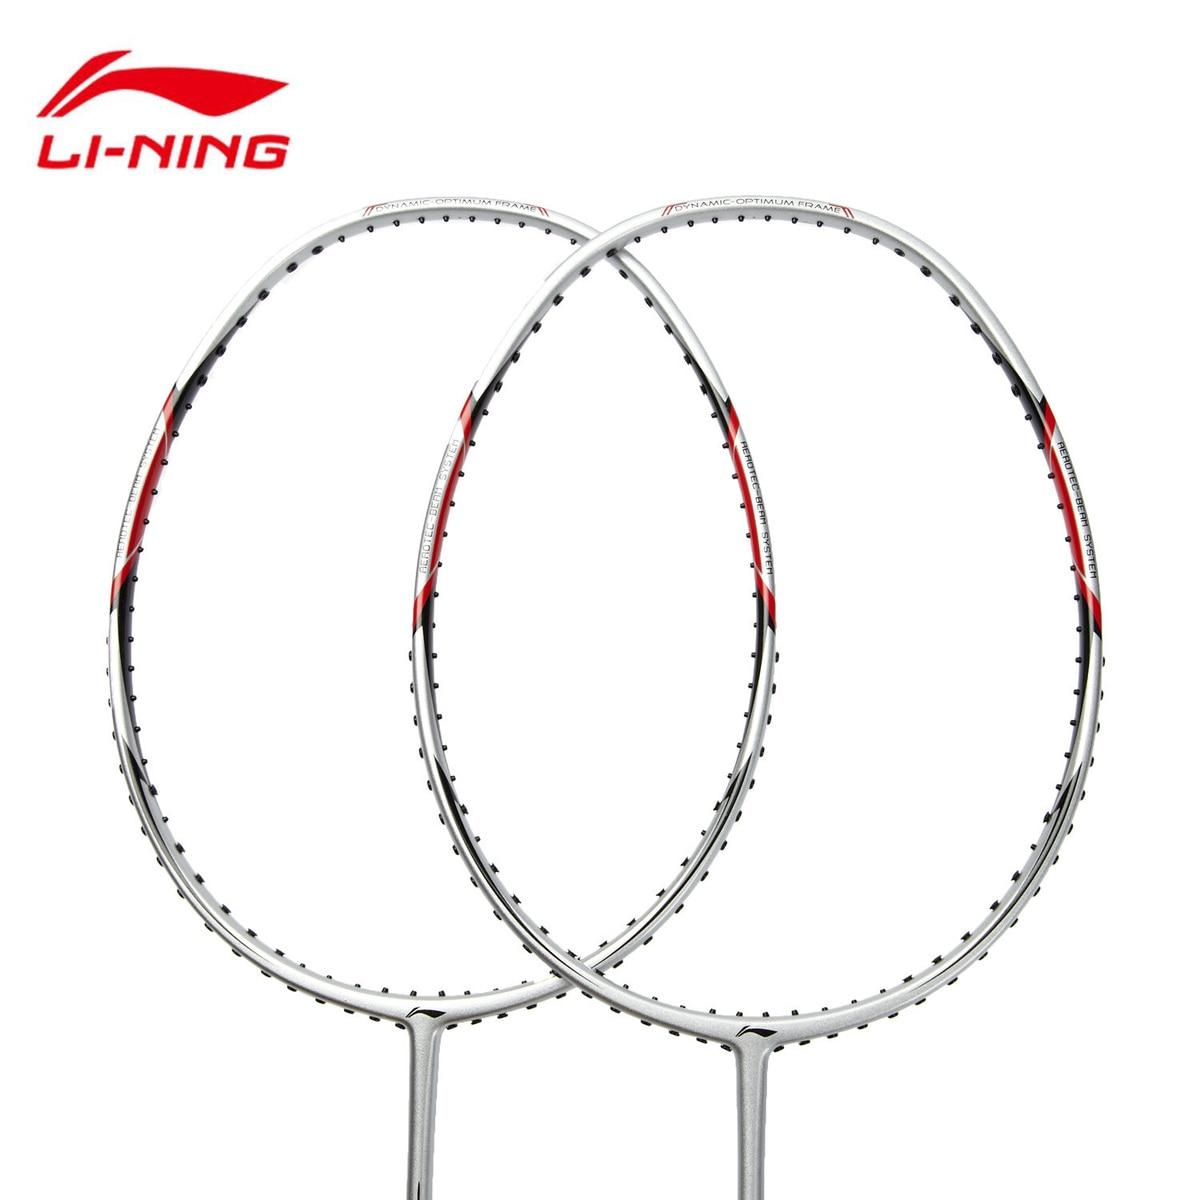 1 paire Doublure Badminton Raquettes Super Léger En Fiber De Carbone Pleine Boule Contrôle Type Li-ning AYPG354 Avec Cordage Service l784OLD